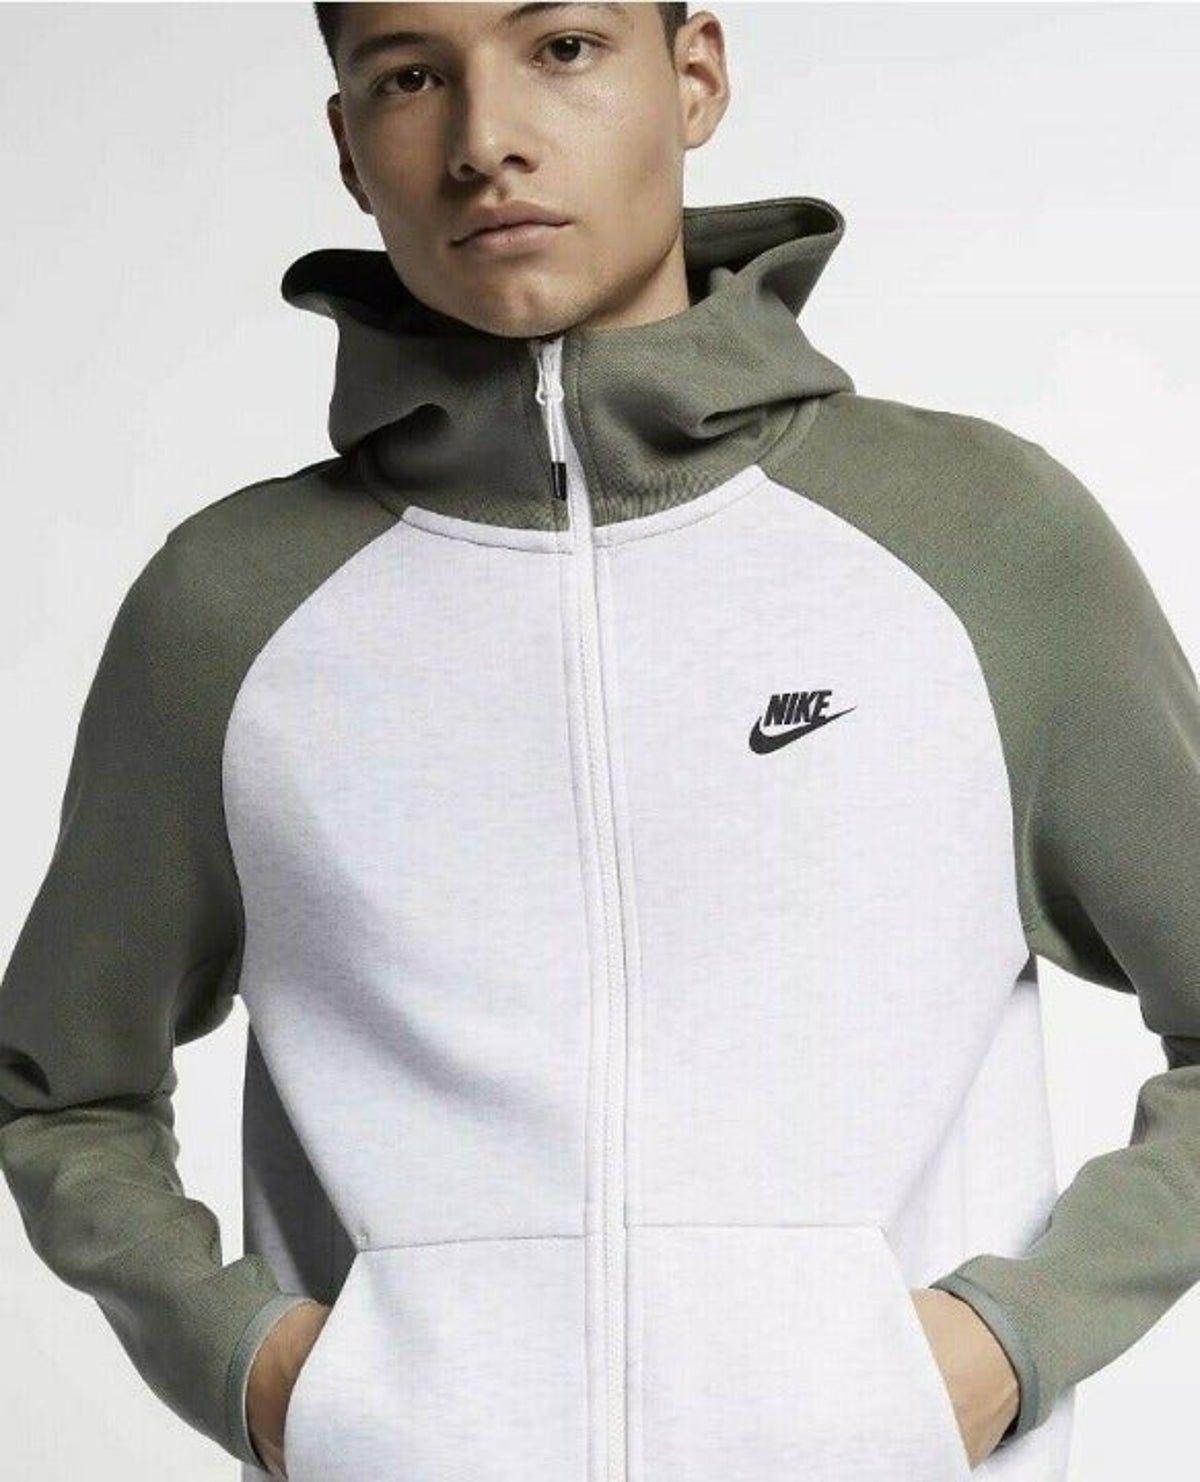 Nike Tech Fleece Full Zip Hoodie Xl In 2021 Nike Tech Fleece Tracksuit Nike Tech Tracksuit Nike Tech Fleece [ 1482 x 1200 Pixel ]